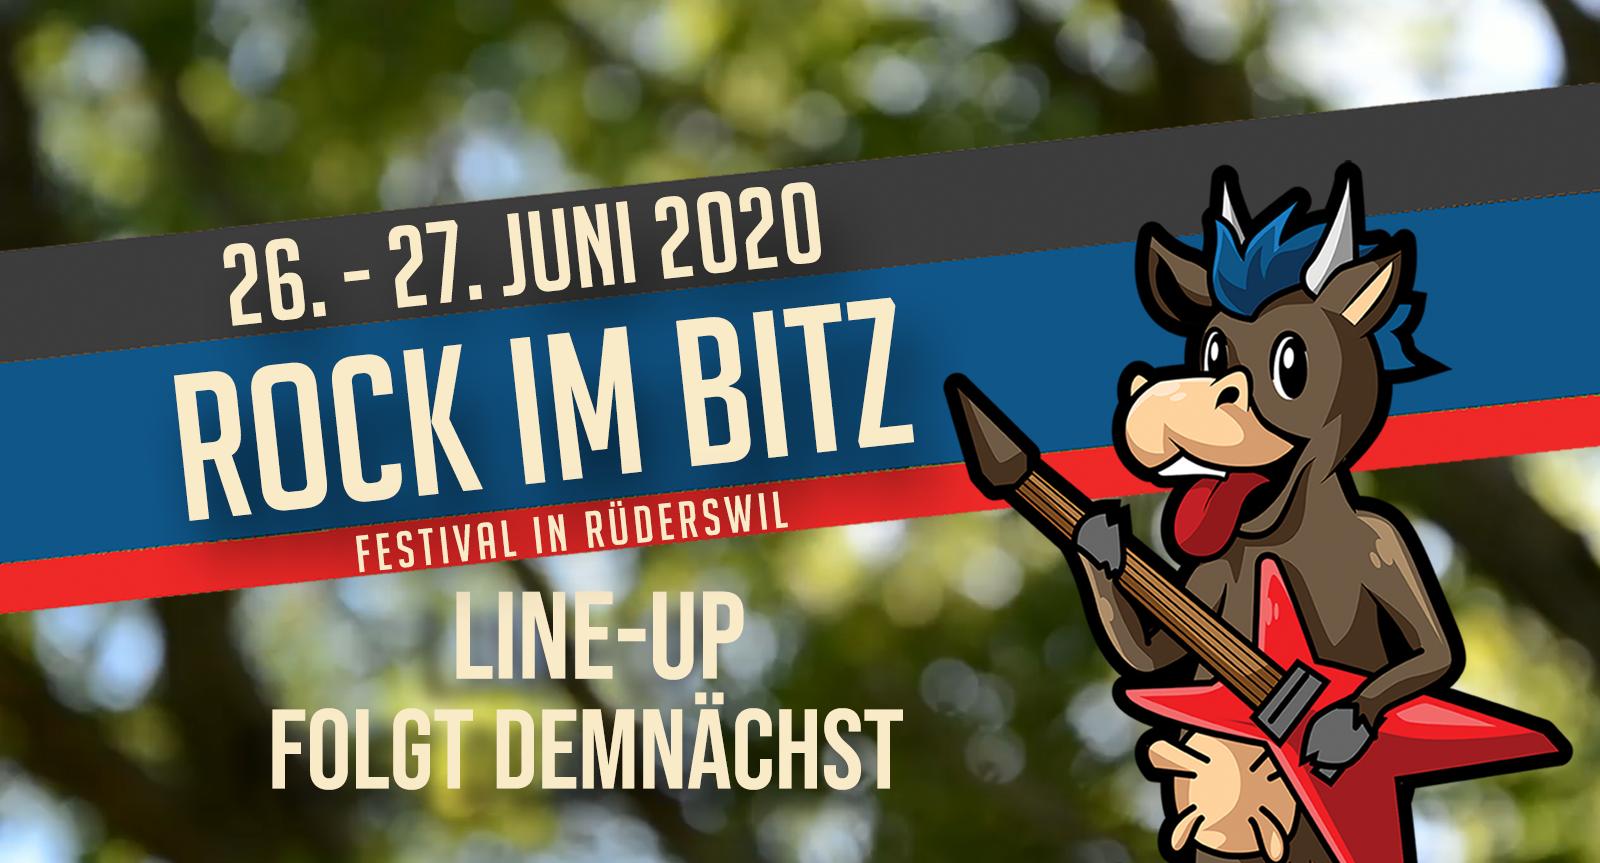 Rock im Bitz Website_Header_1600